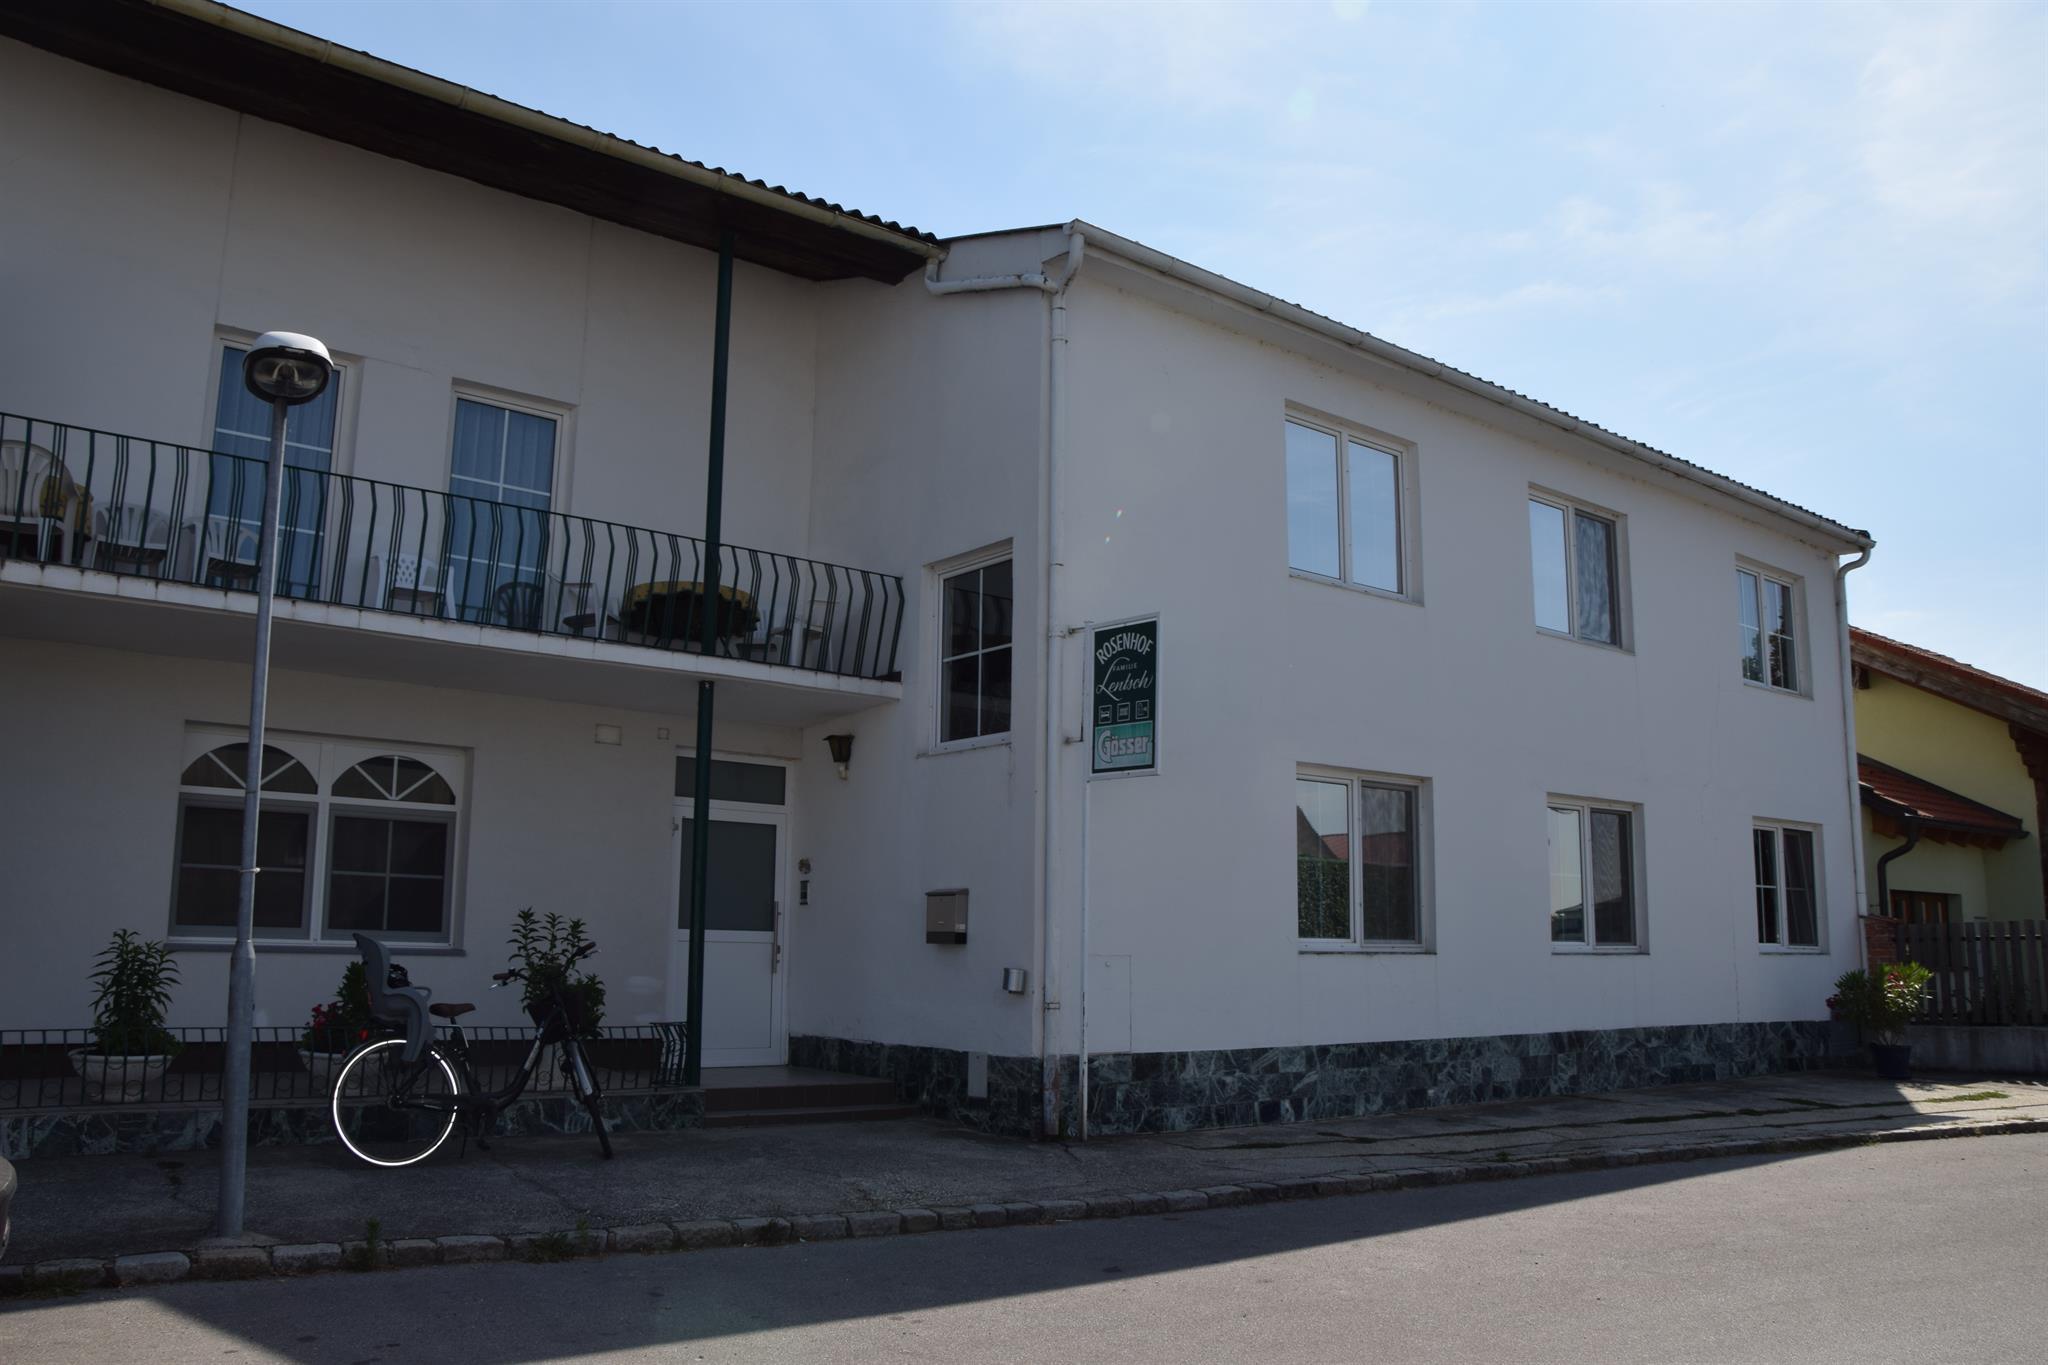 Ferienwohnung Rosenhof Appartementhaus Appartement 65m² (2008891), Podersdorf am See, Neusiedler See, Burgenland, Österreich, Bild 6